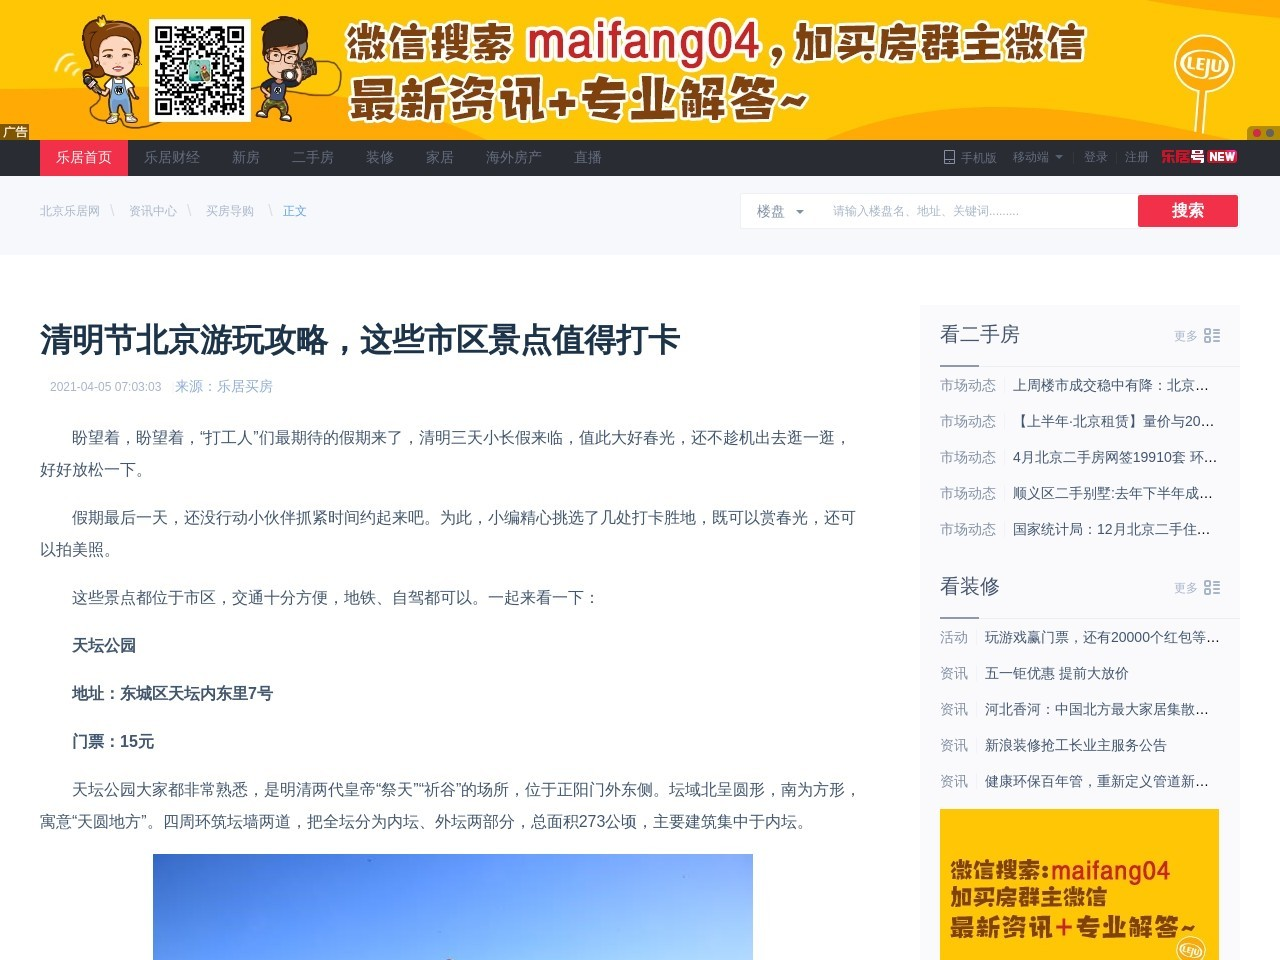 清明节北京游玩攻略,这些市区景点值得打卡-买房导购-北京乐居网